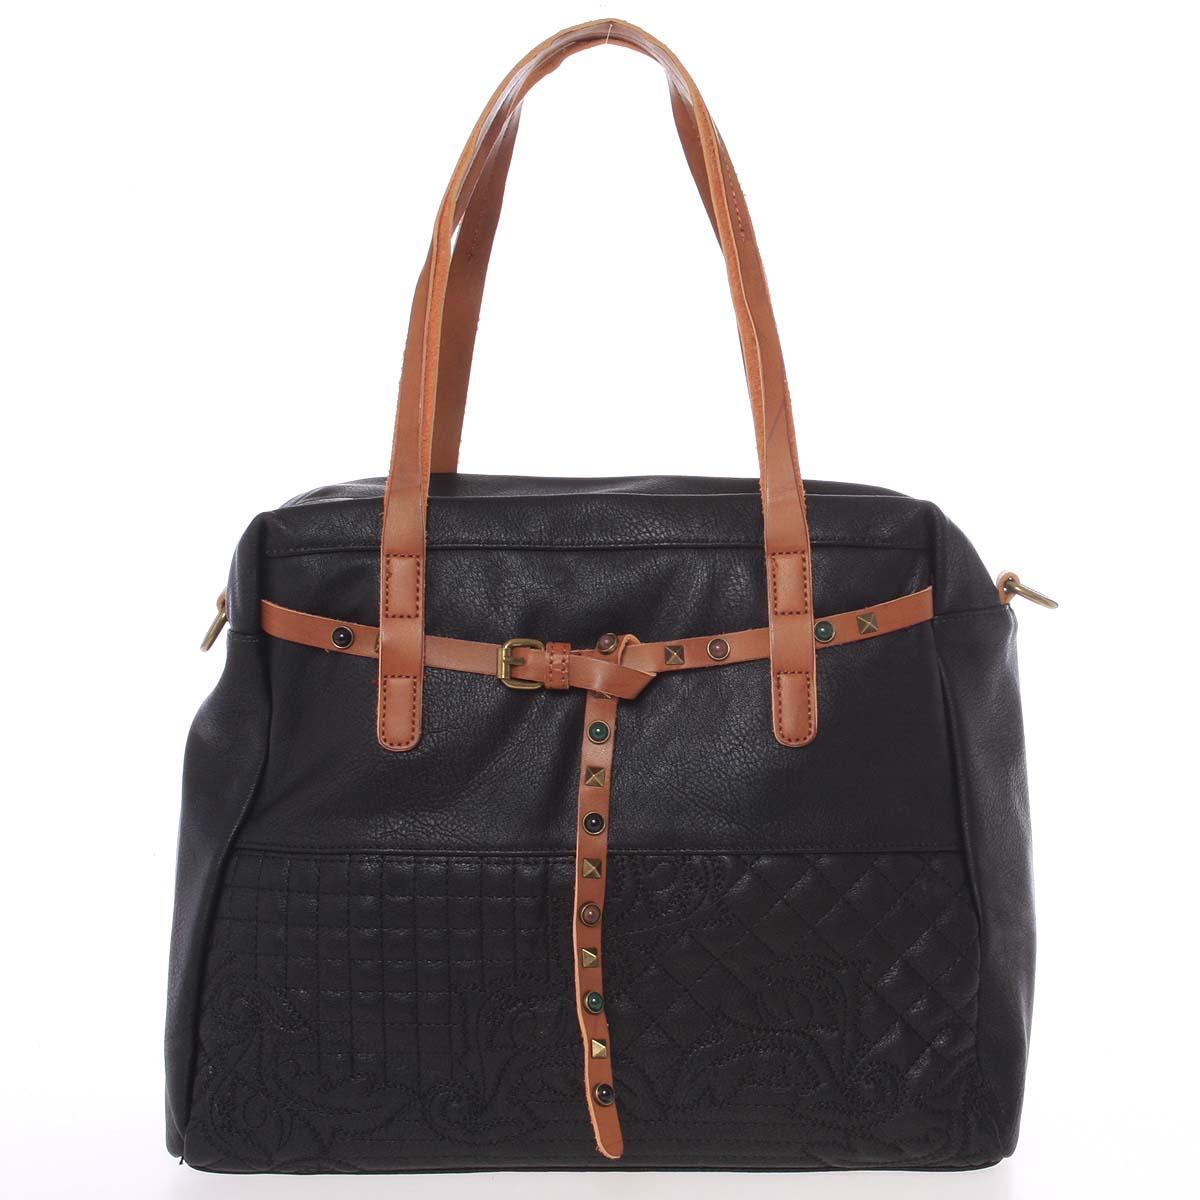 Jedinečná dámská kabelka černá - MARIA C Jocelynn